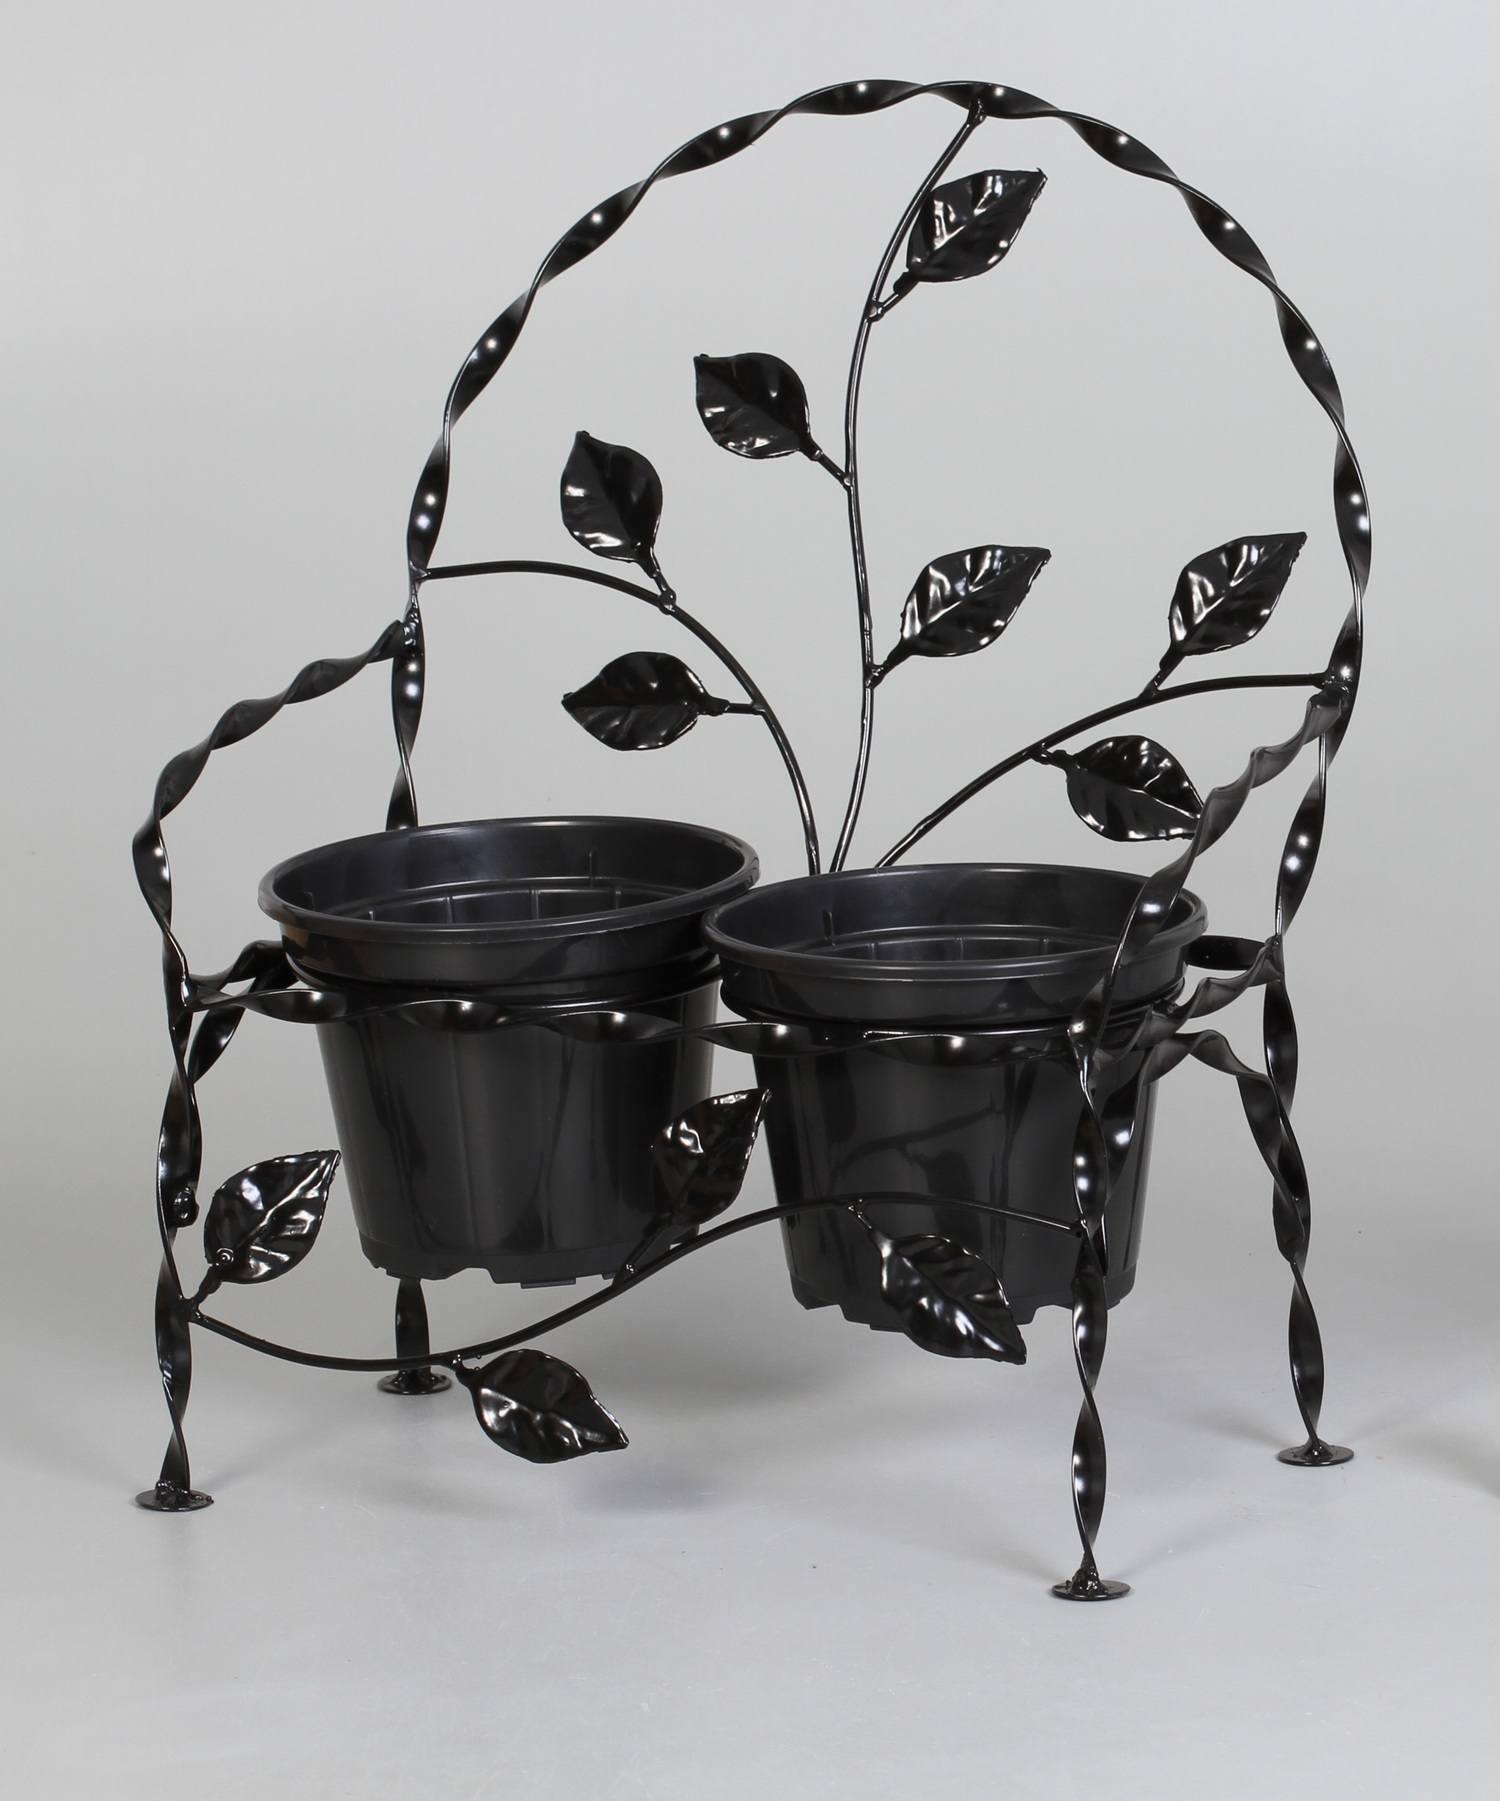 2 Suportes Cachepot Cadeirinha Folhas Ferro preto (inclui Cachepot)